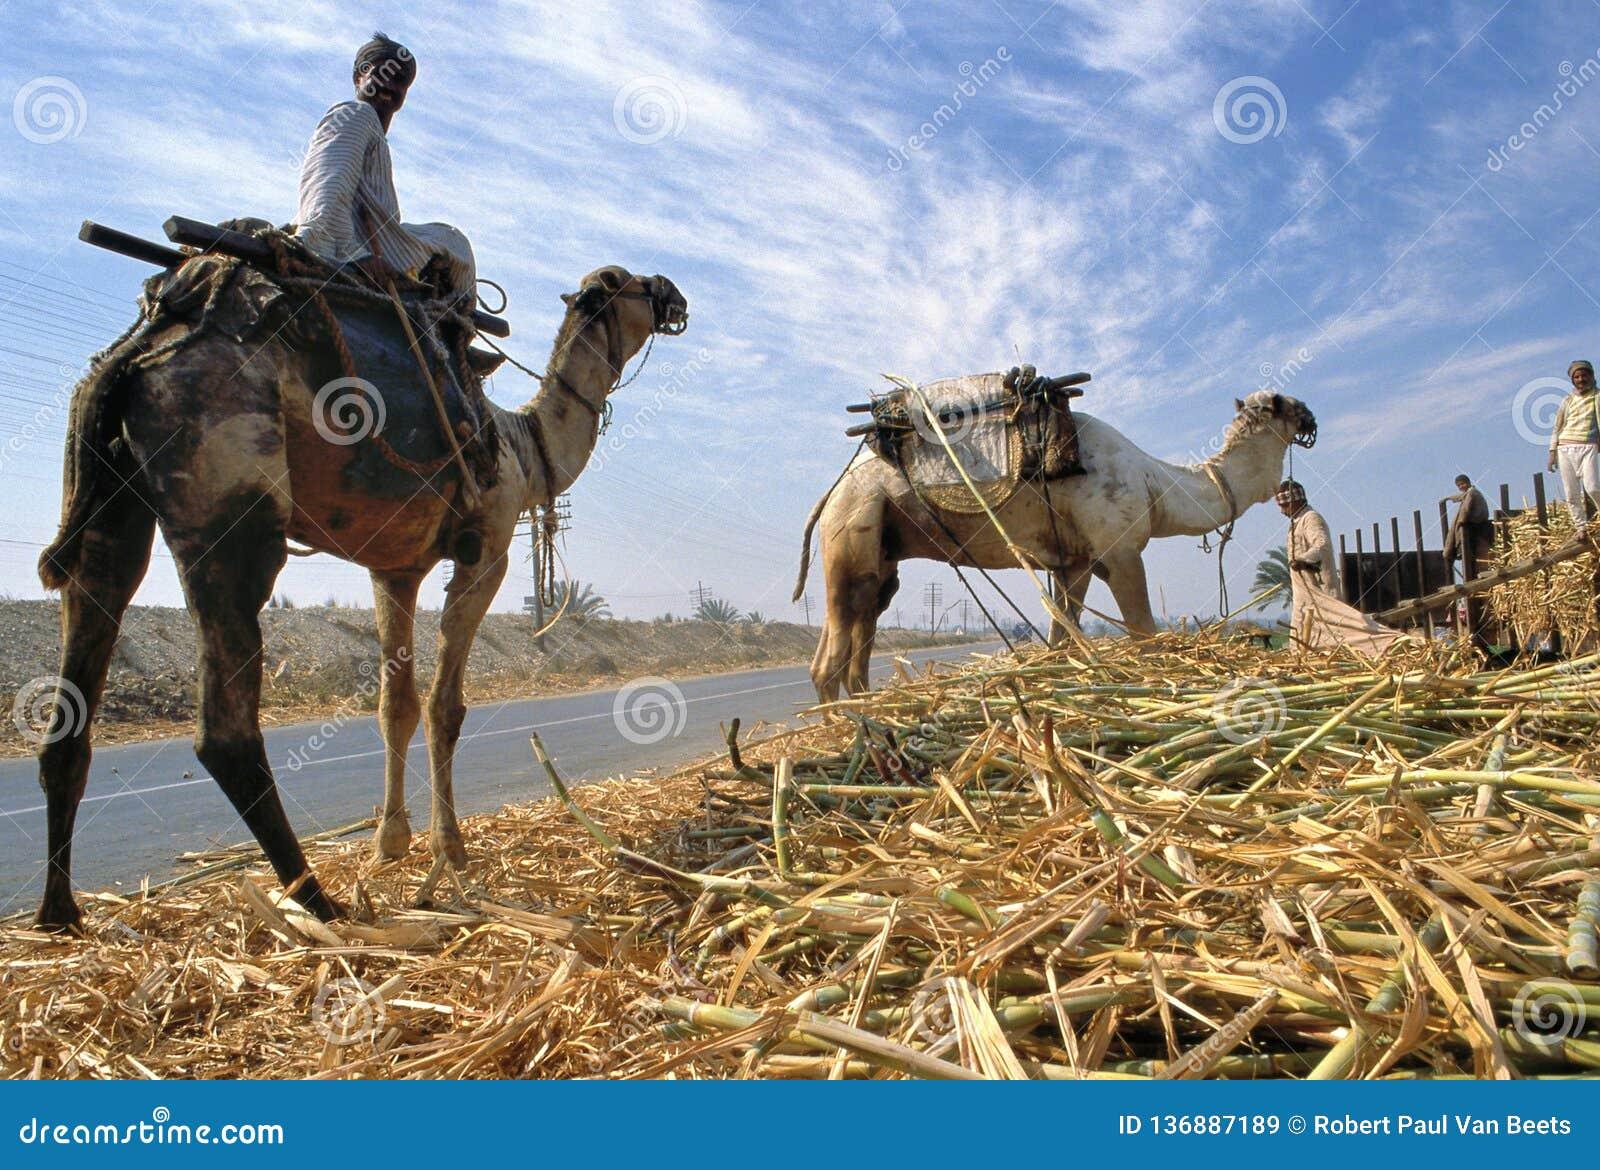 Récolte de canne à sucre en Egypte